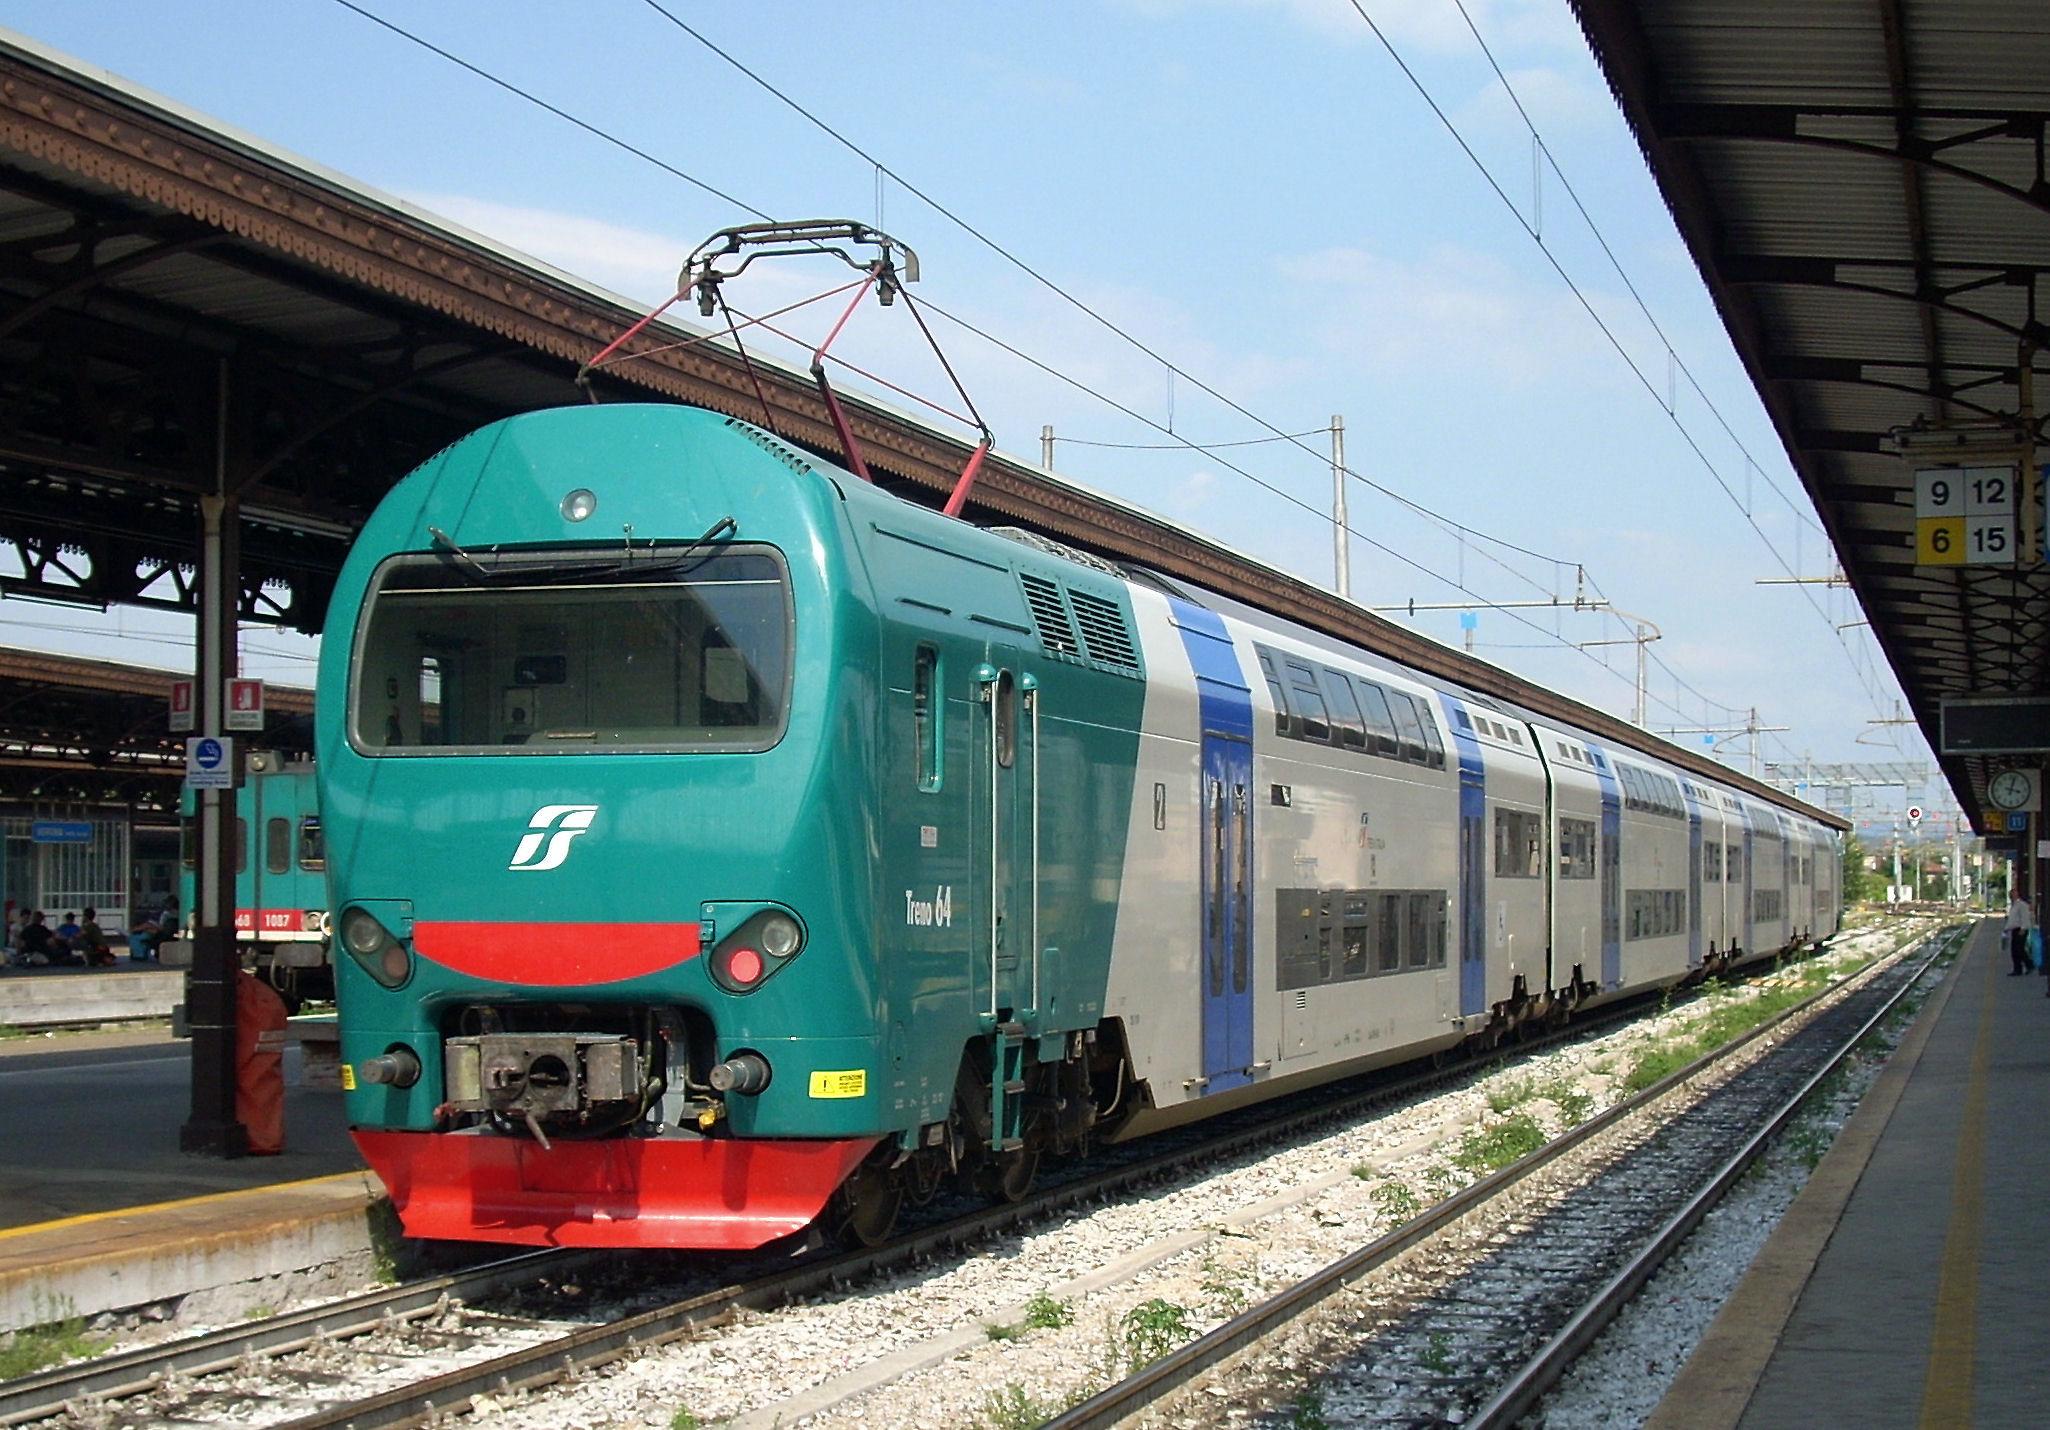 Un treno, foto generica